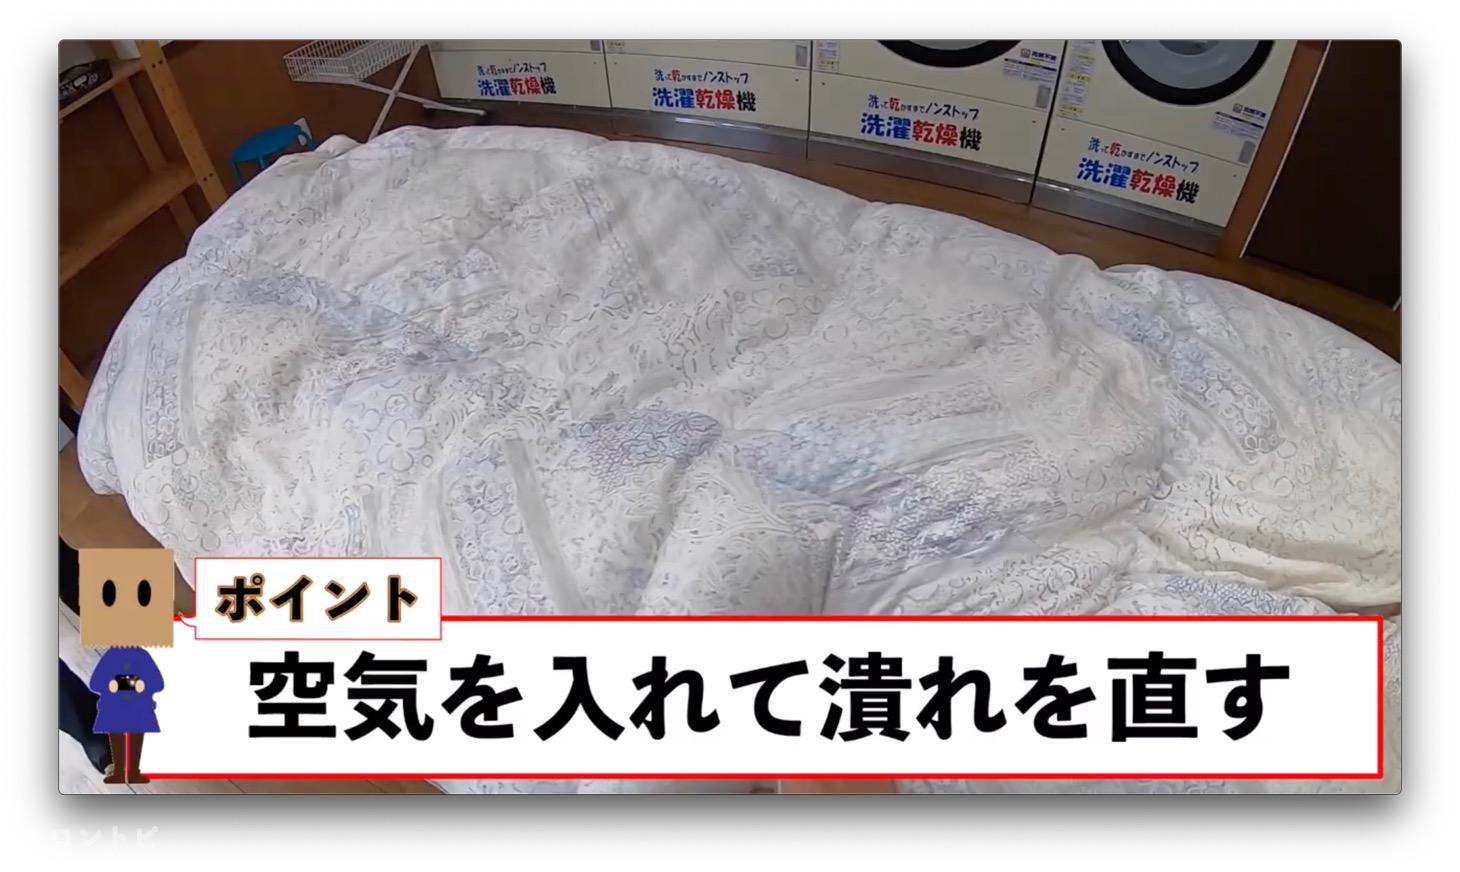 羽毛布団 洗濯 ポイント